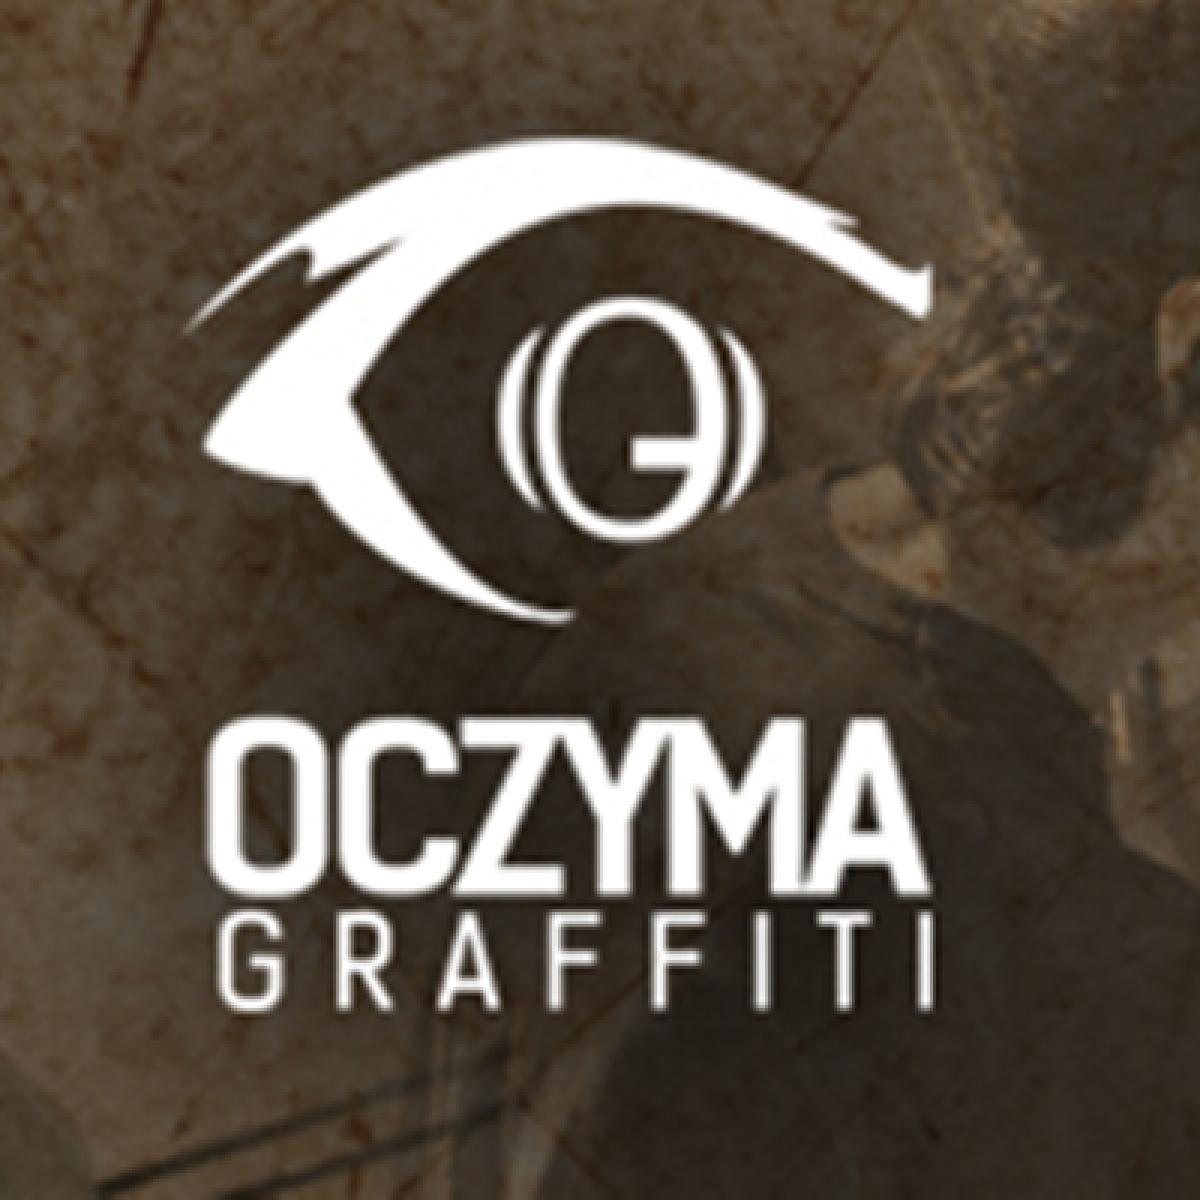 Pod Patronatem Gallerystore: To już III edycja ogólnopolskiego konkursu Oczyma Graffiti